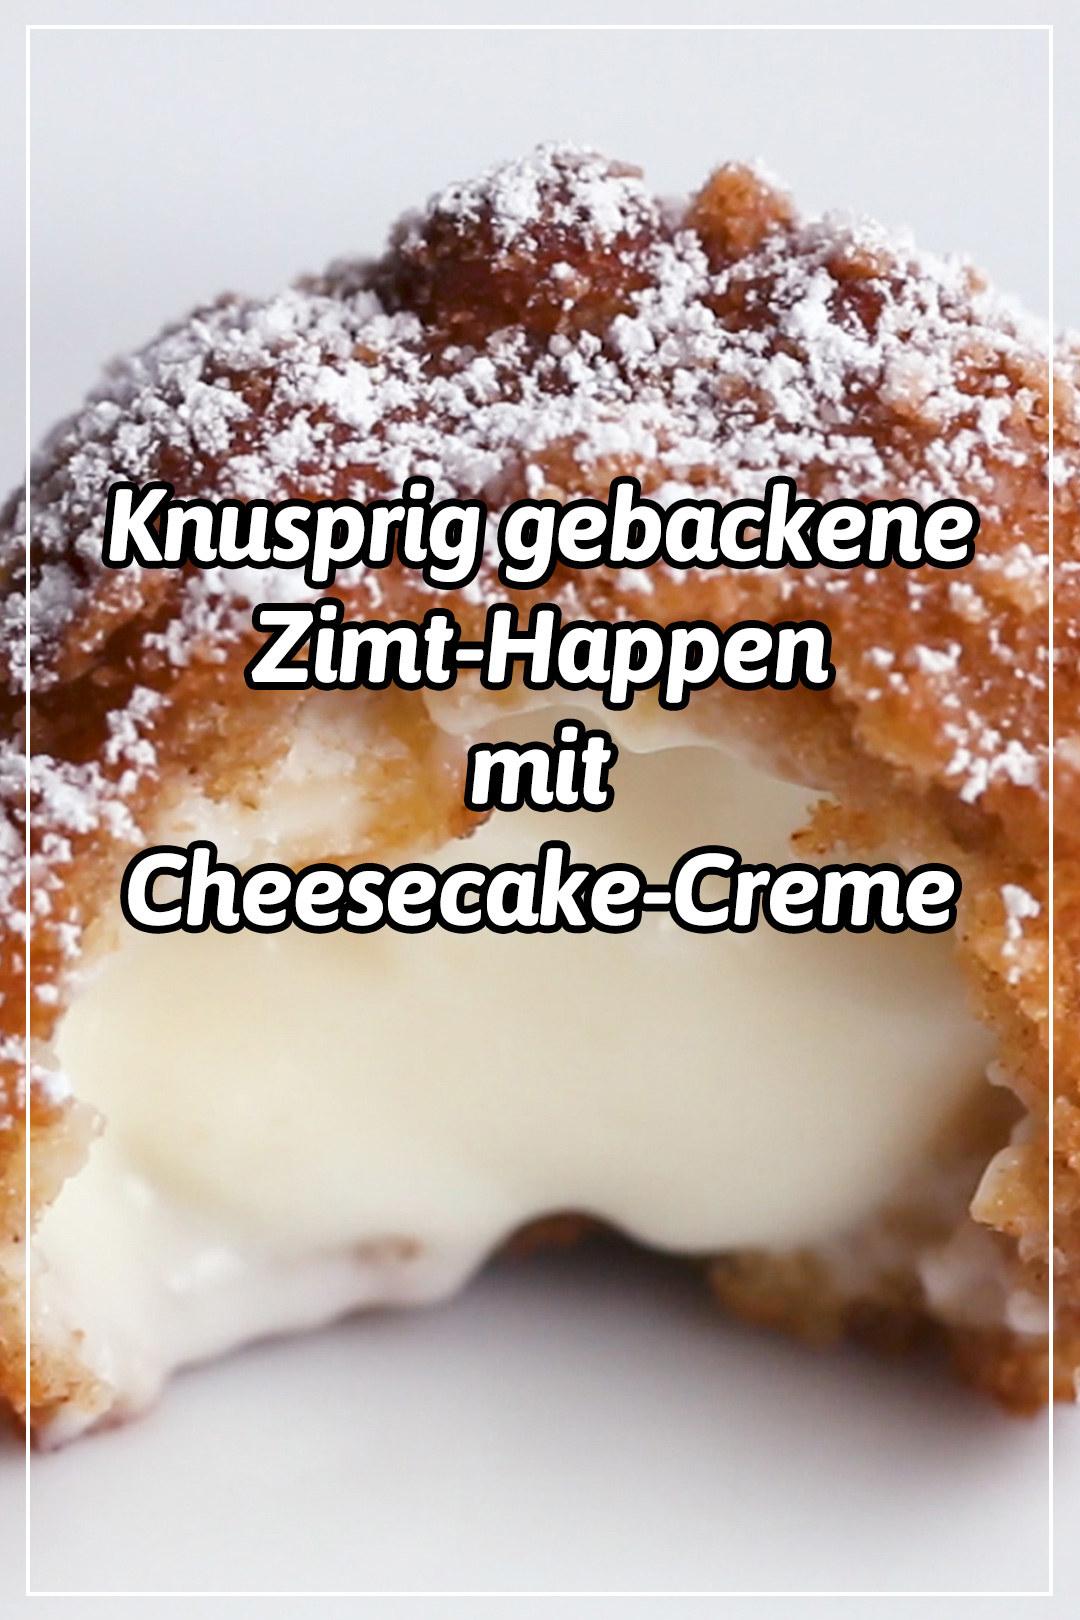 Diese knusprigen Zimt-Cheesecake-Happen sind genau das, was du jetzt willst!